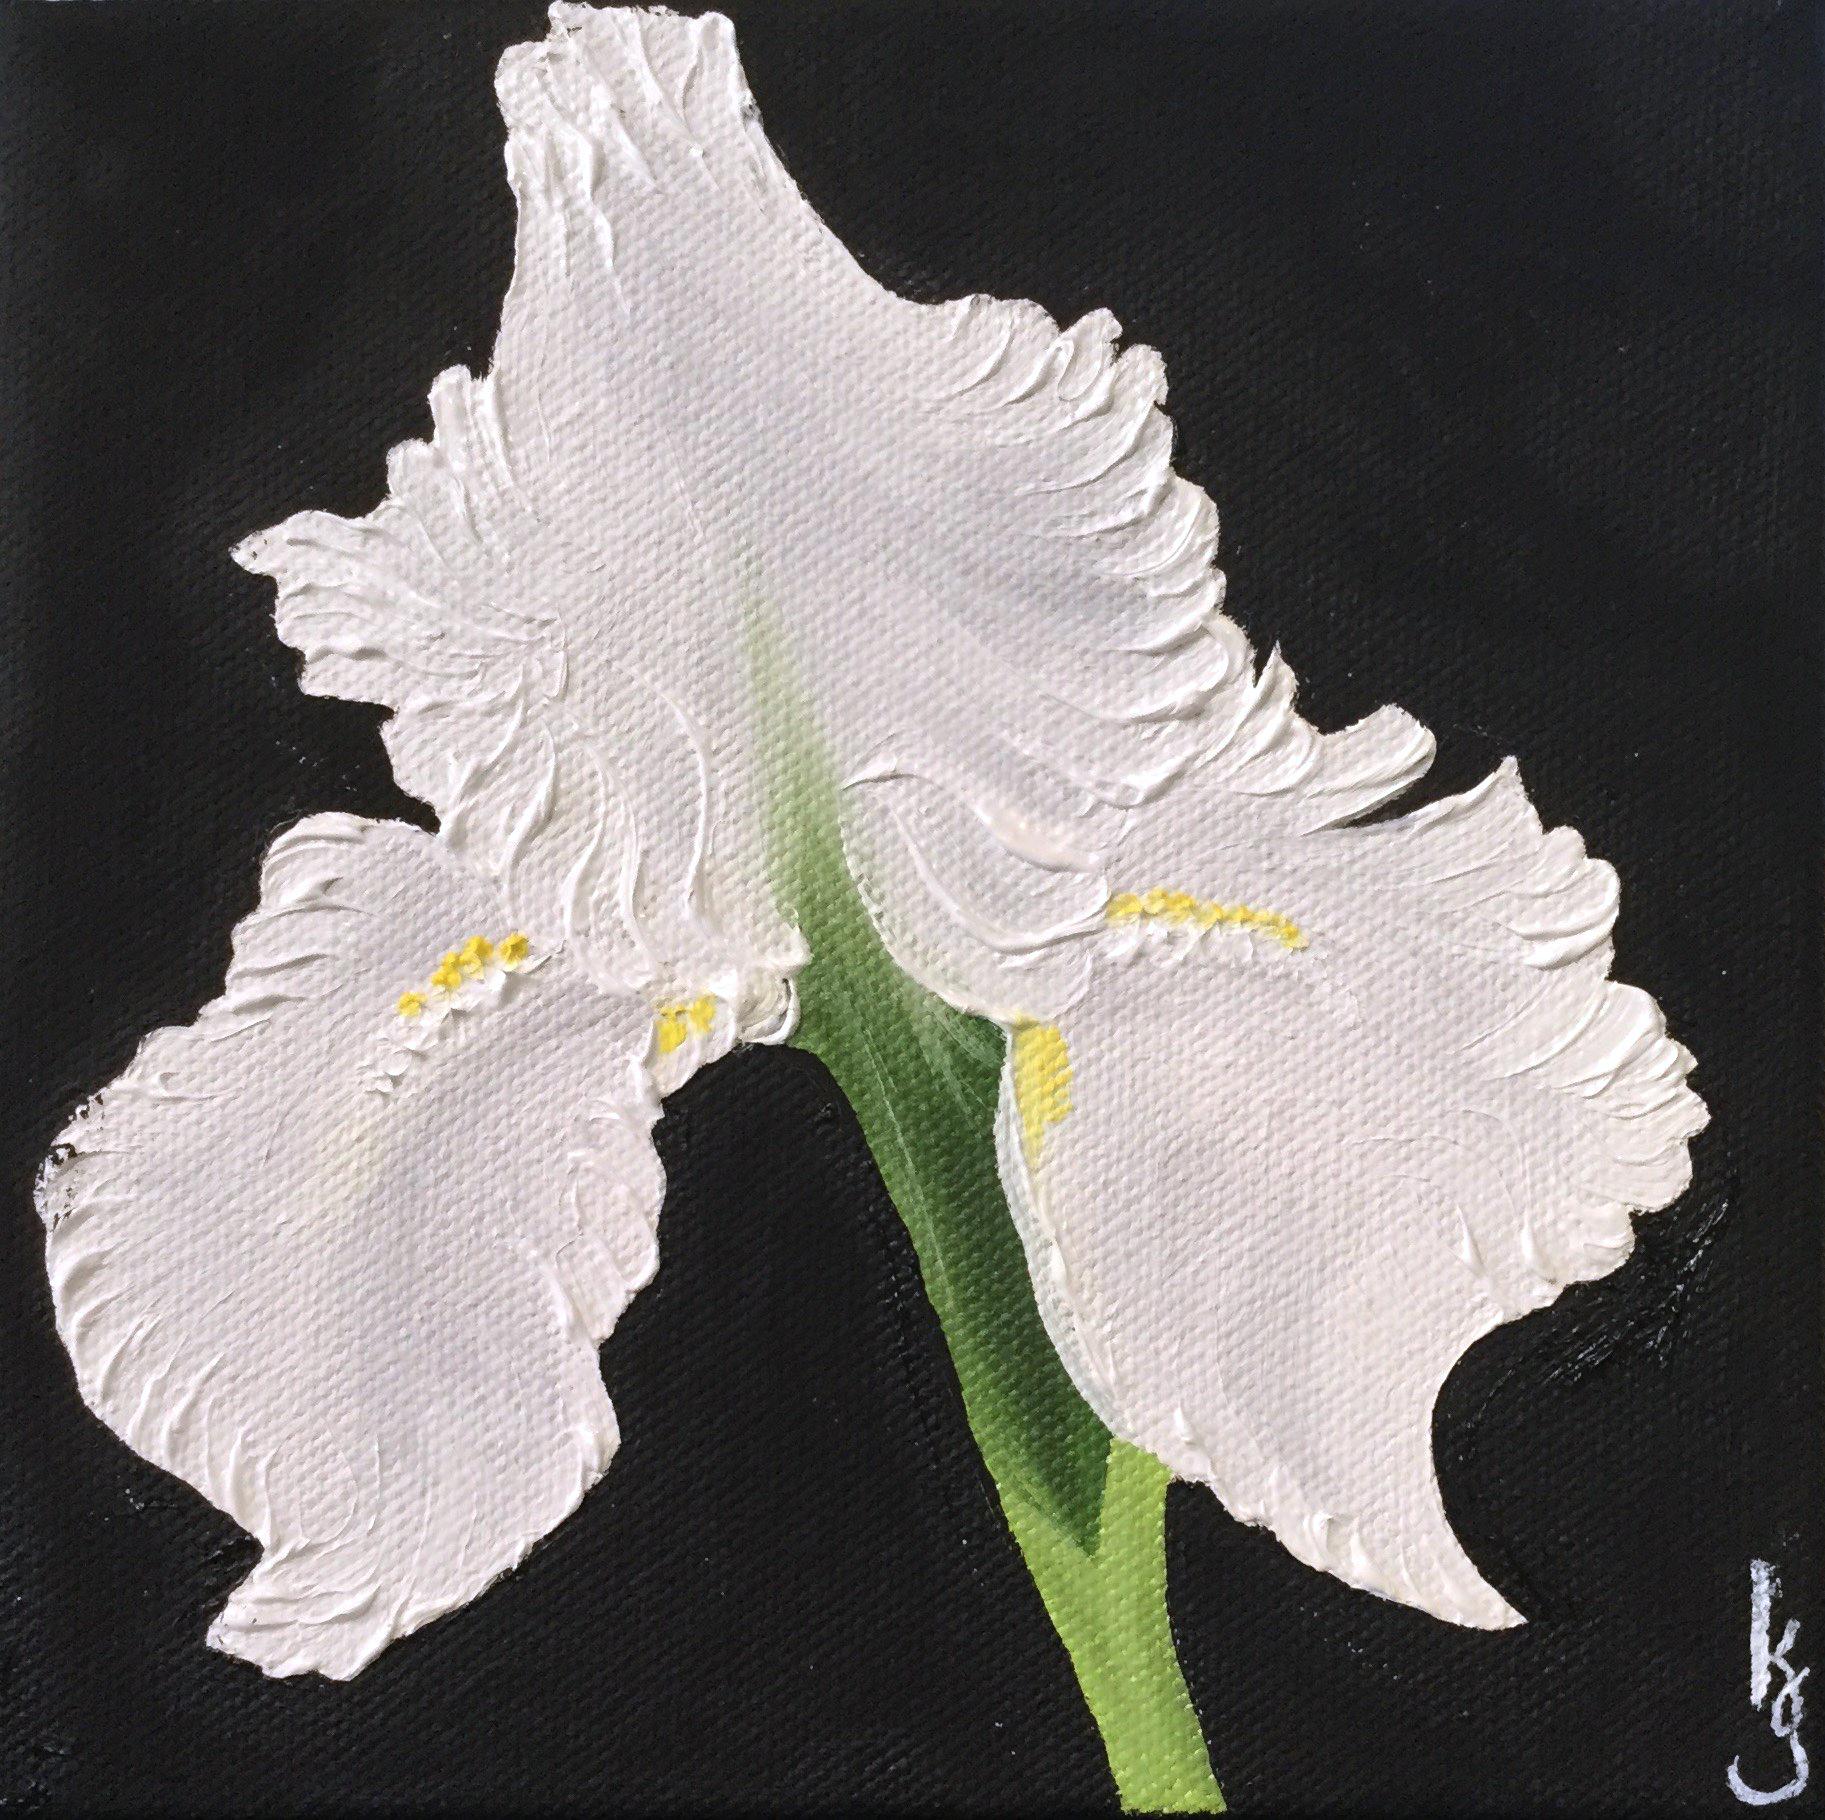 White Iris , 2017 665121752517 Oil on canvas 6 x 6 x 1.5 inches